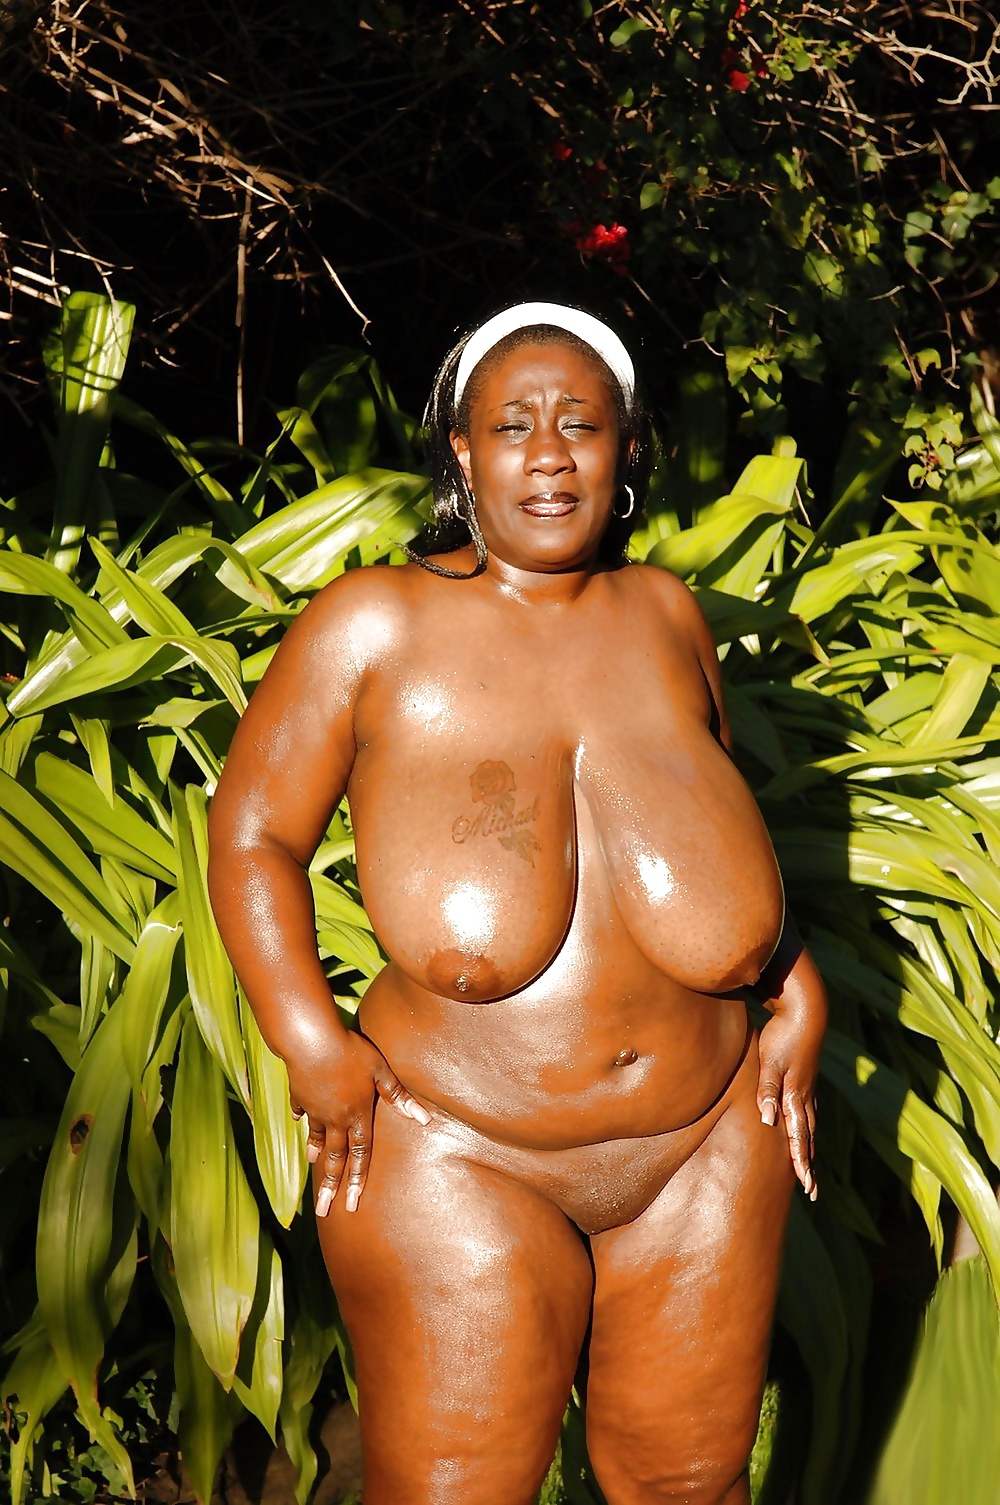 жирные пузатые африканки фото мохер становится